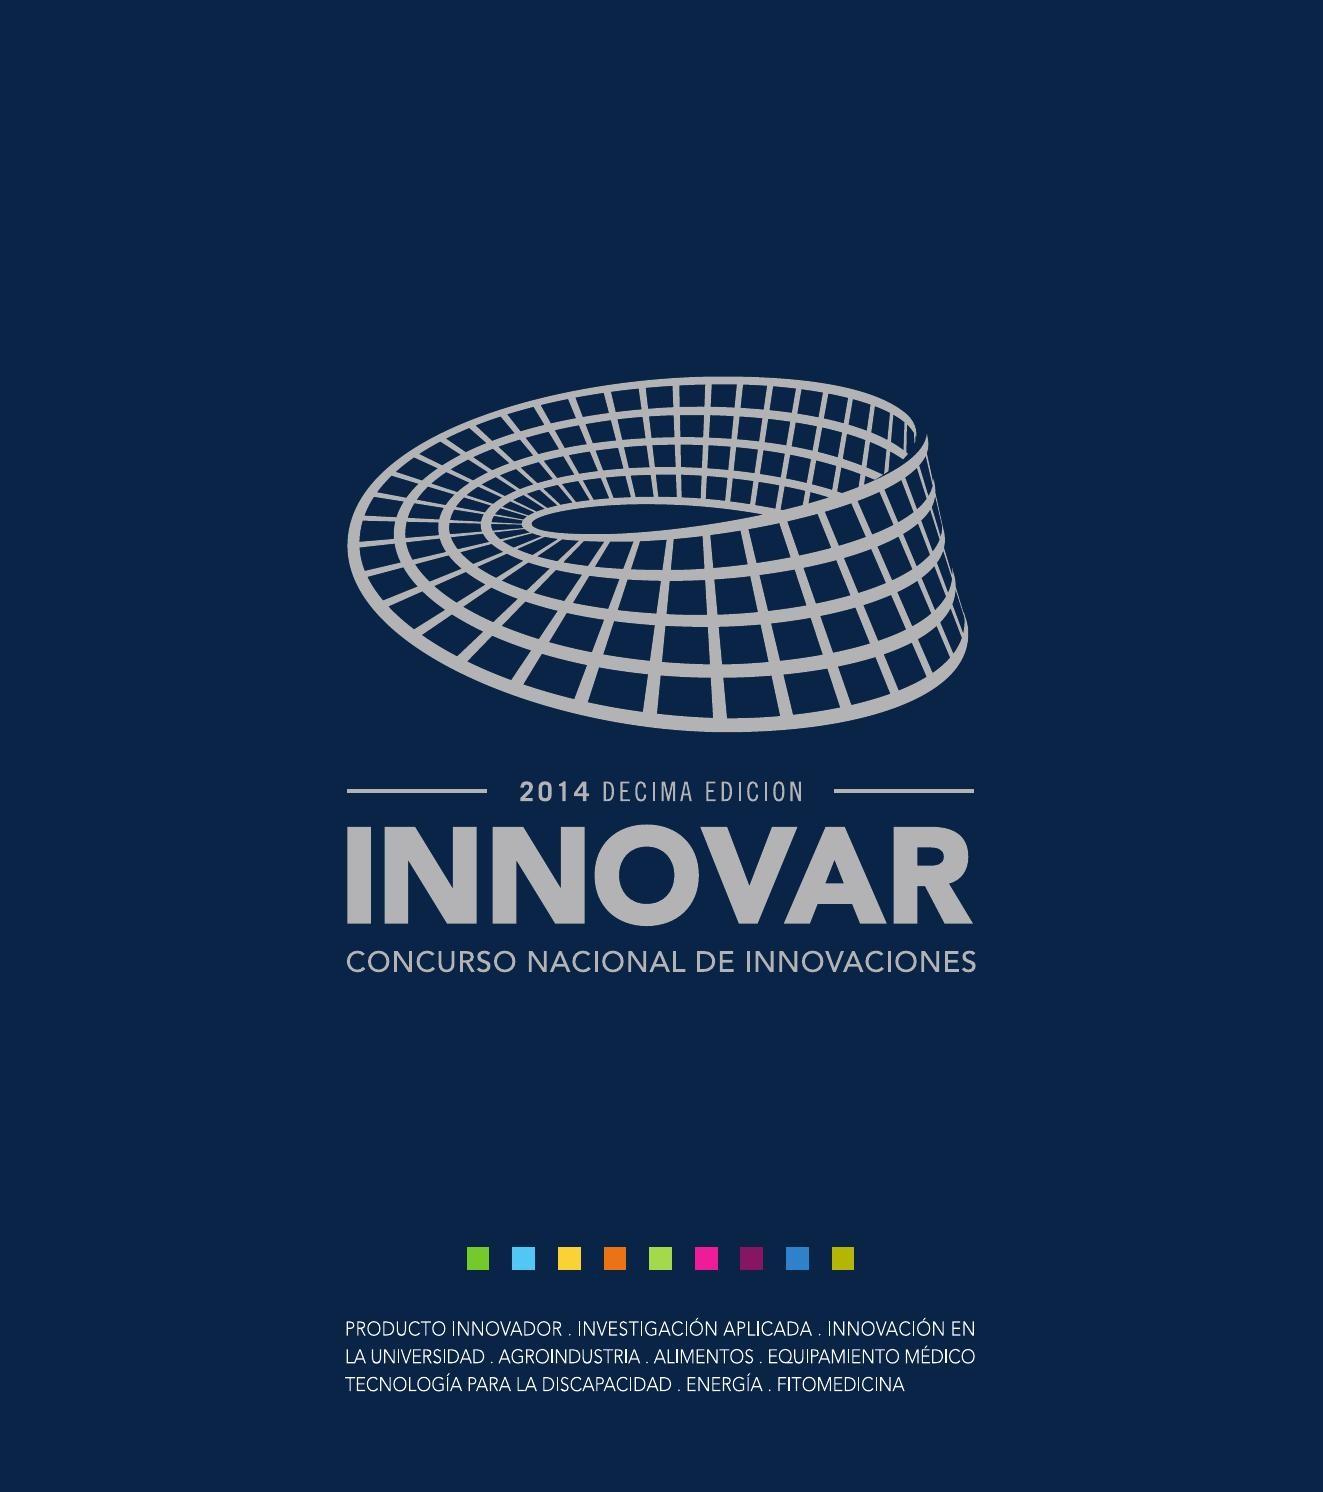 Catálogo INNOVAR 2014 by Concurso INNOVAR issuu